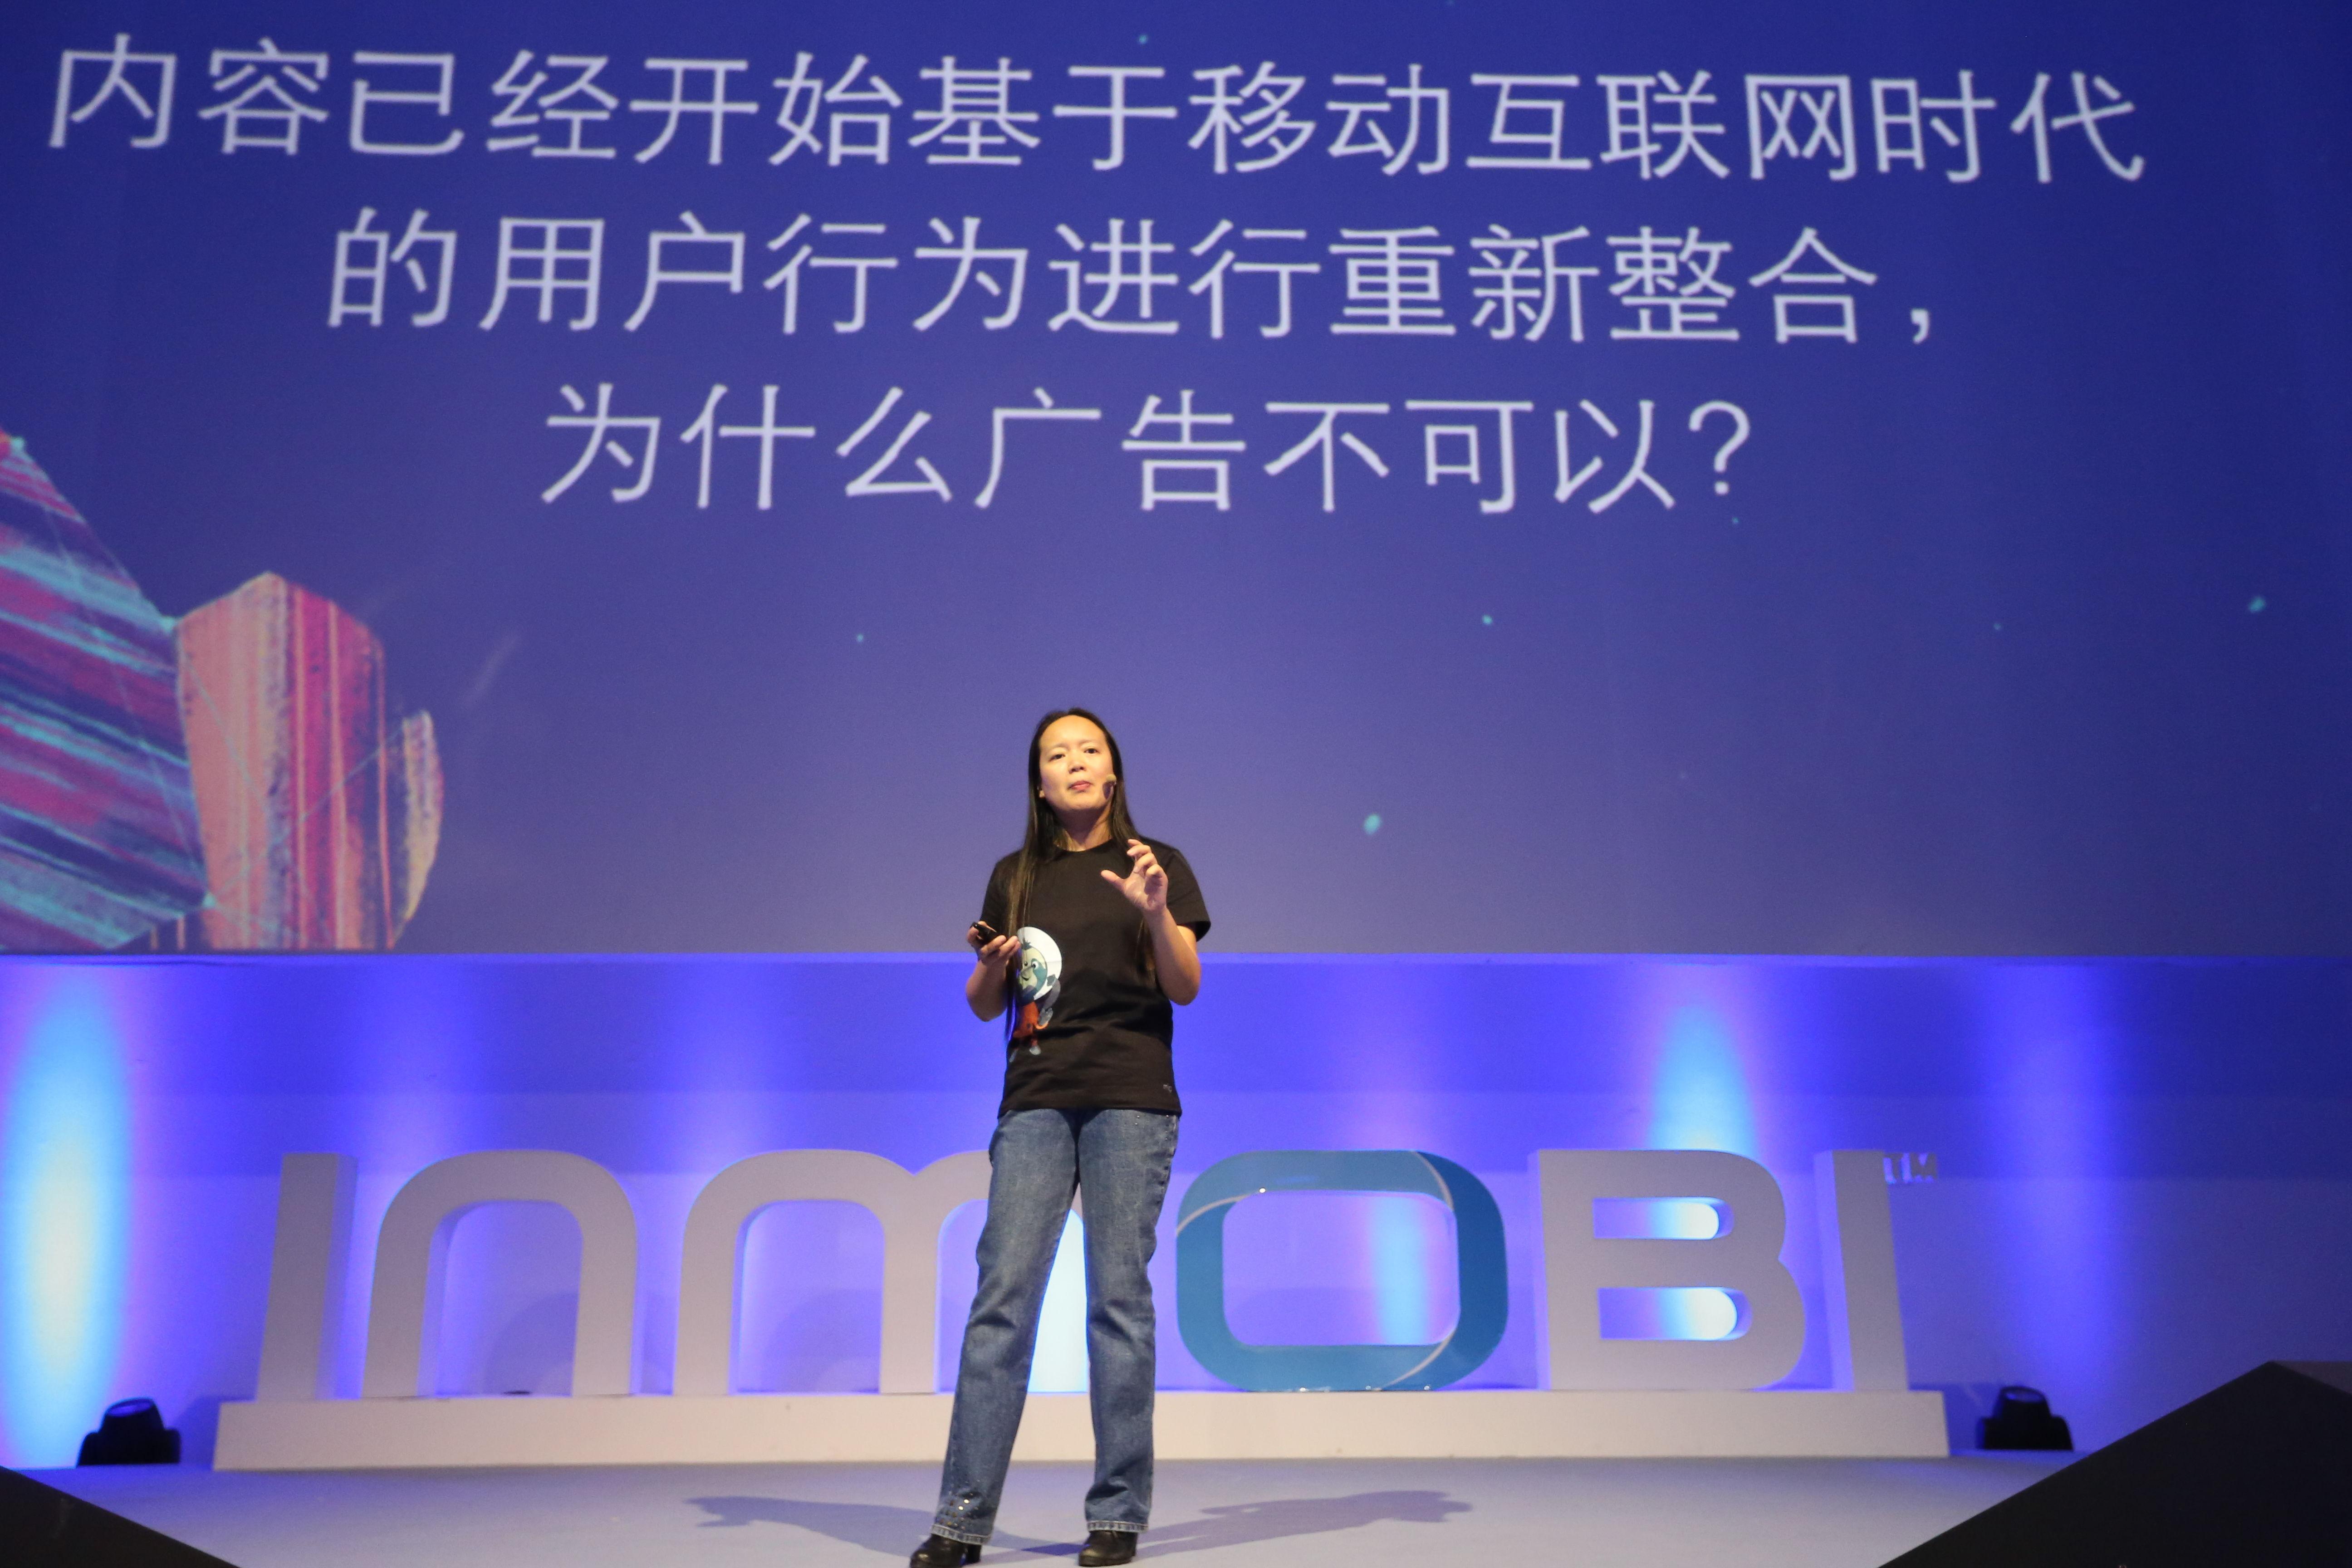 为用户代言   InMobi全新平台Miip开启移动广告颠覆性探索